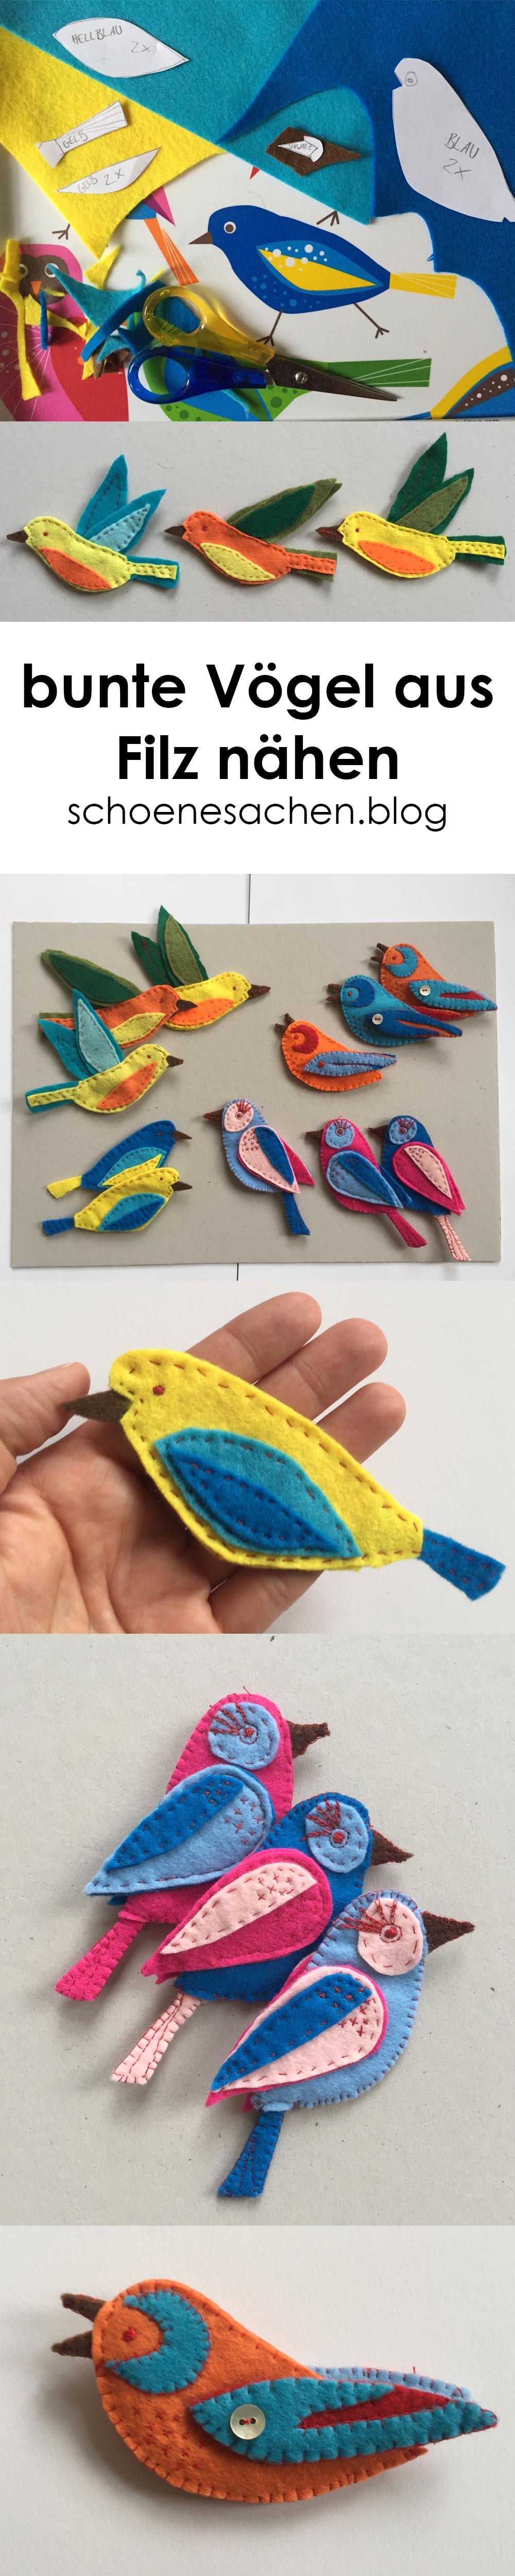 Filz Ornament Vogel Vorlage, einfachen Vogel aus Filz nähen, Schnittmuster für ein Vogel aus Filz selber zeichnen, einfaches Filz Ornament Anfänger nähen, Nähanleitung Vogel aus dünnem Filz nähen,